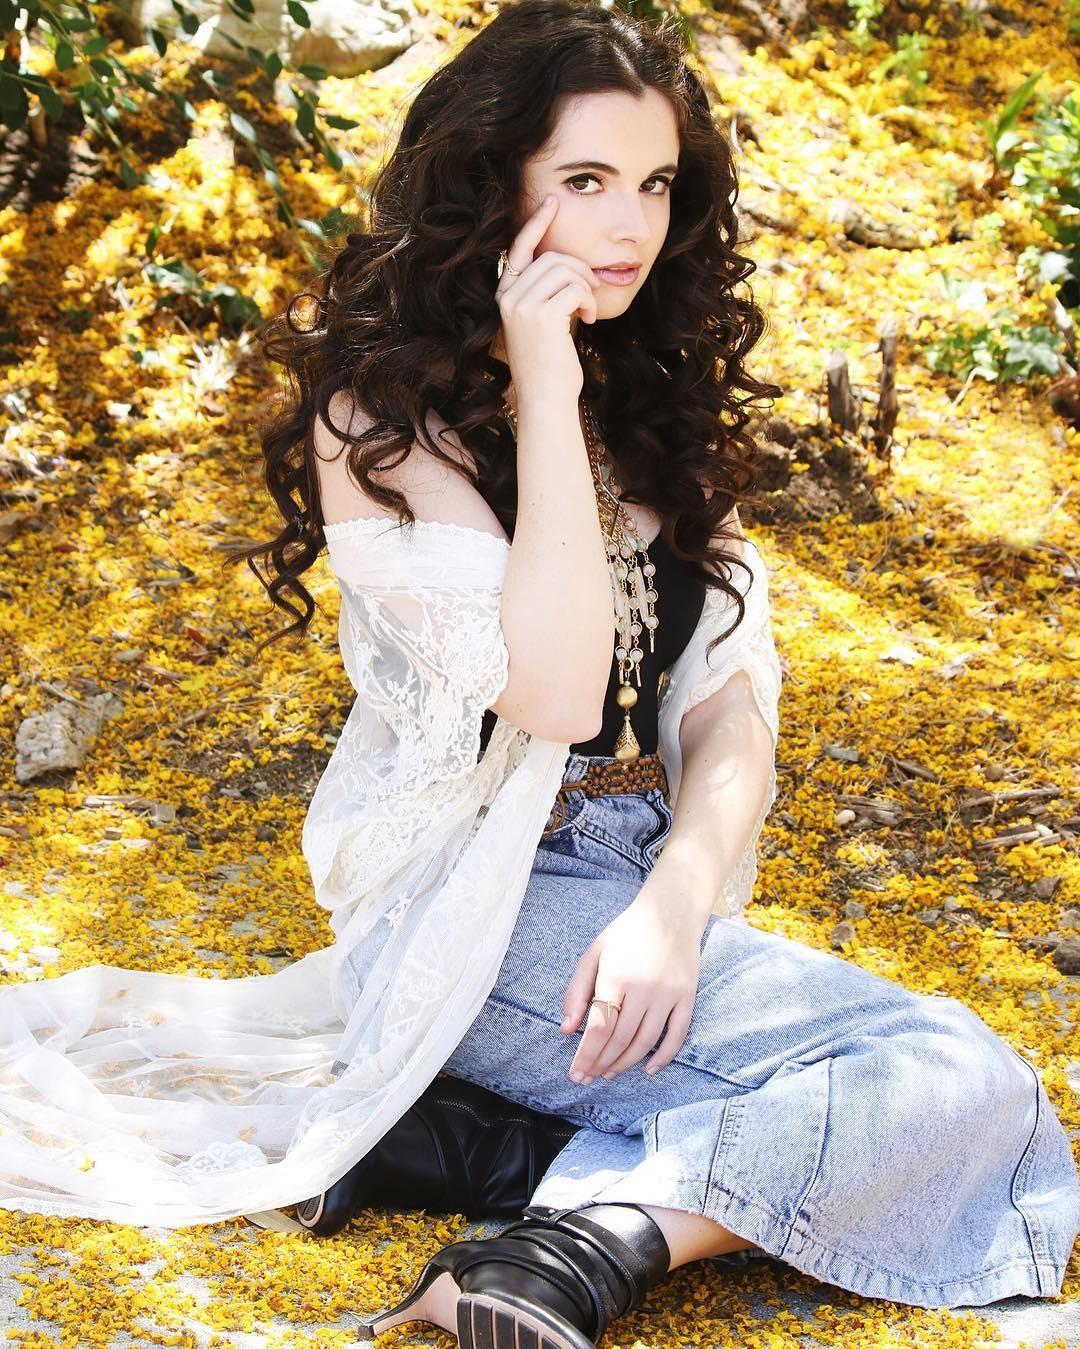 Vanessa Marano Sexy Pictures